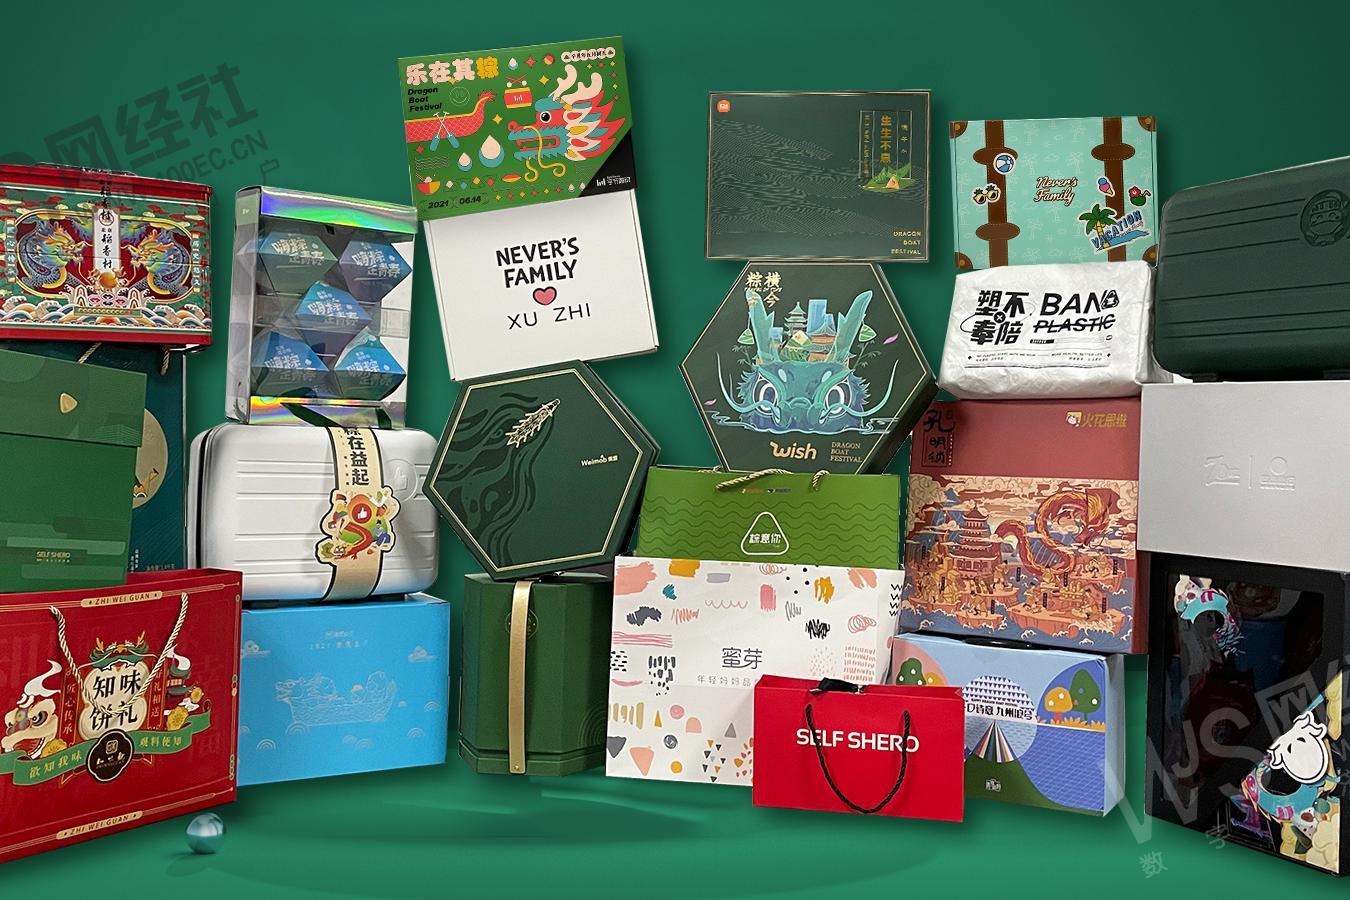 19家互联网公司端午礼盒大赏 谁更有创意了?